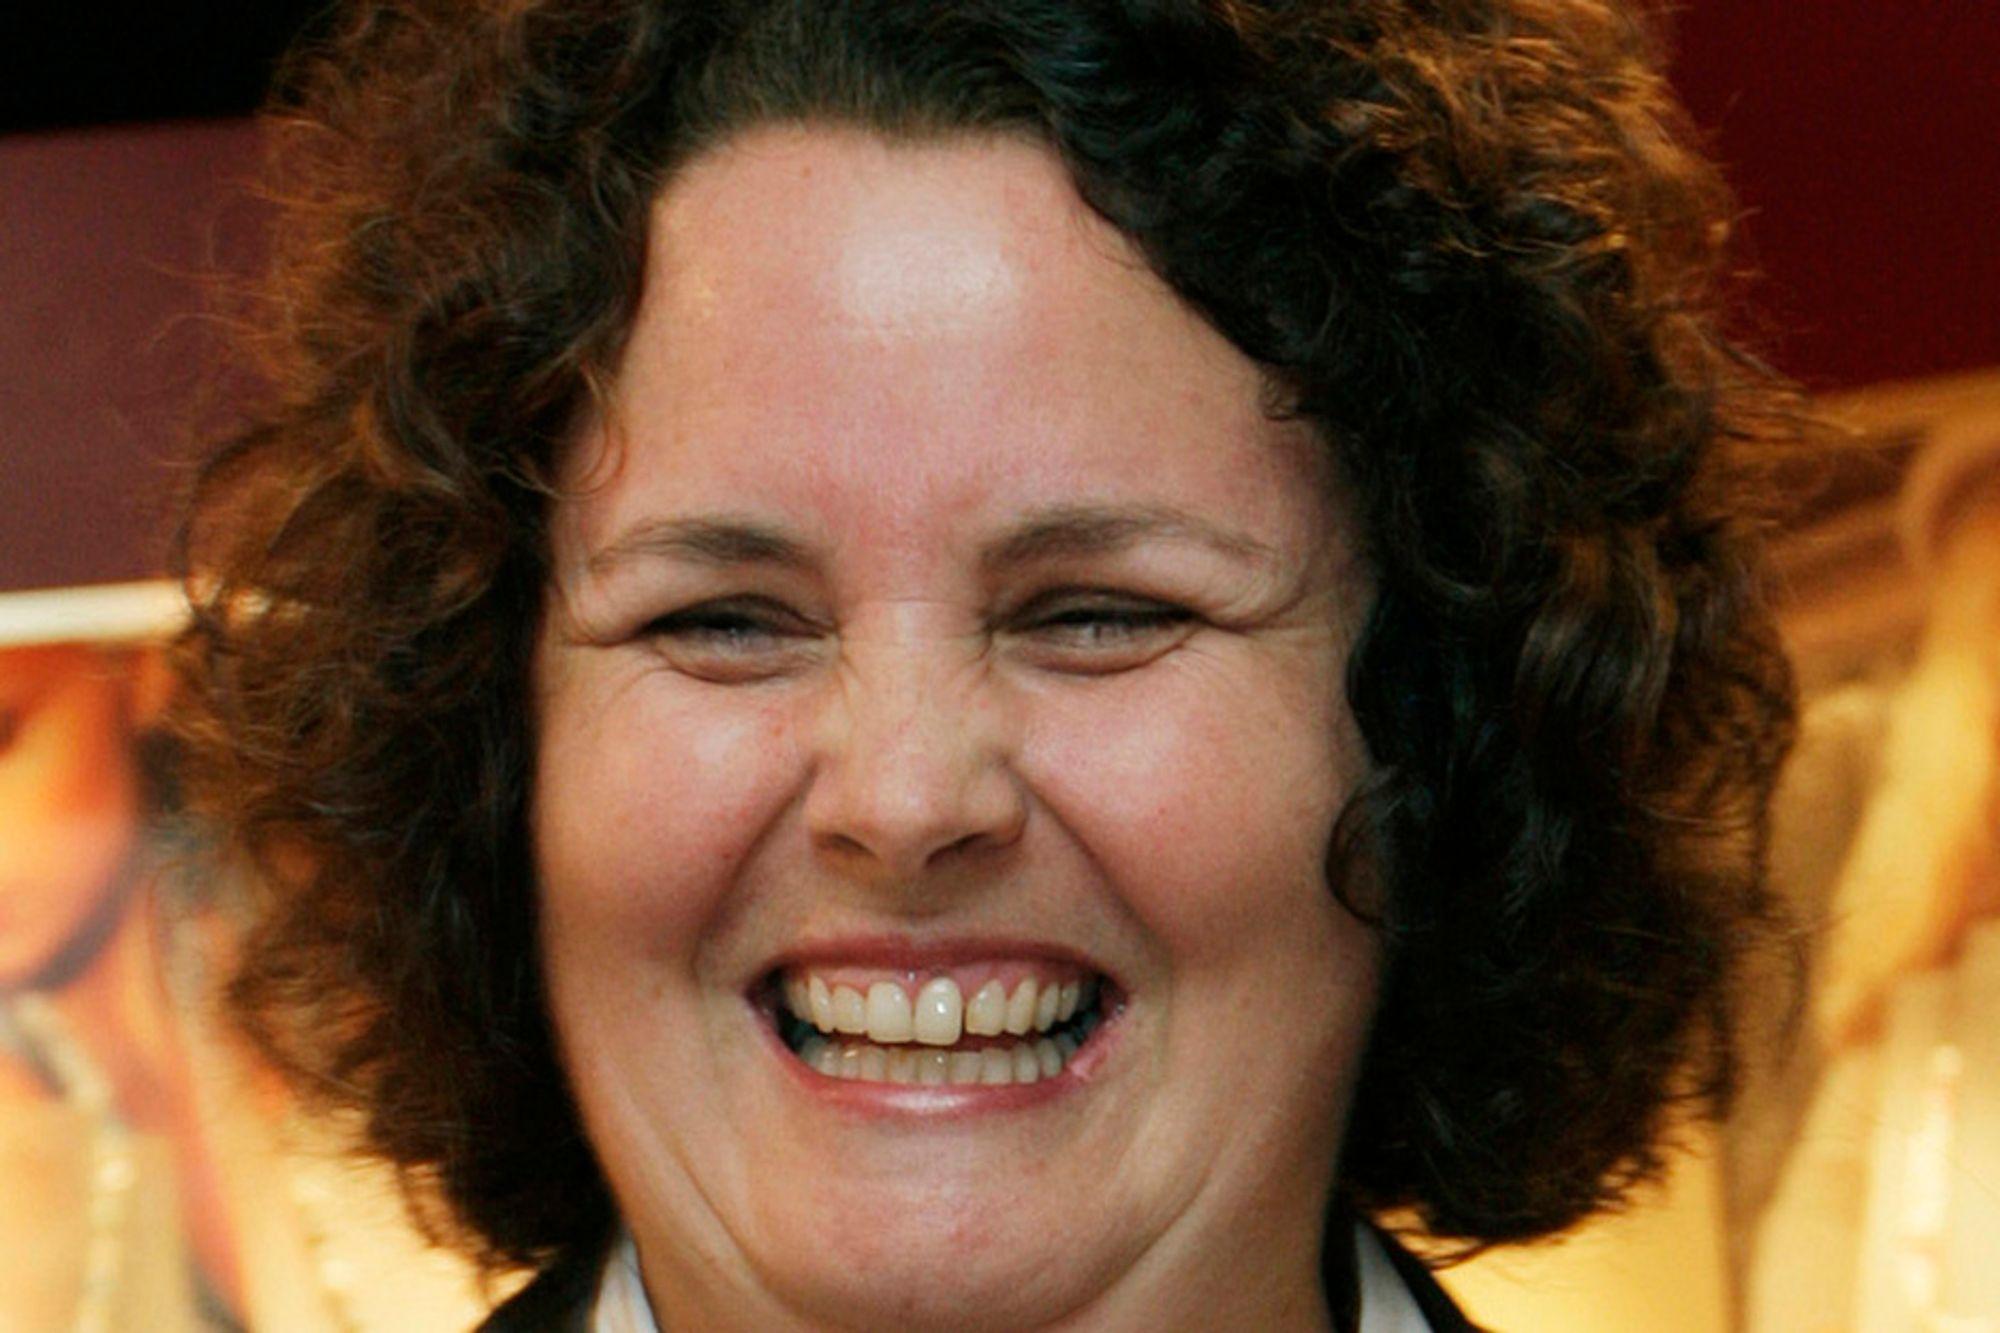 SLAPP BILLIG: Næringsminister Sylvia Brustad slapp bilig fra klagen om ulovlig støtte til Mesta. Hun vil likevel ikke uten videre akseptere dommen fra ESA.